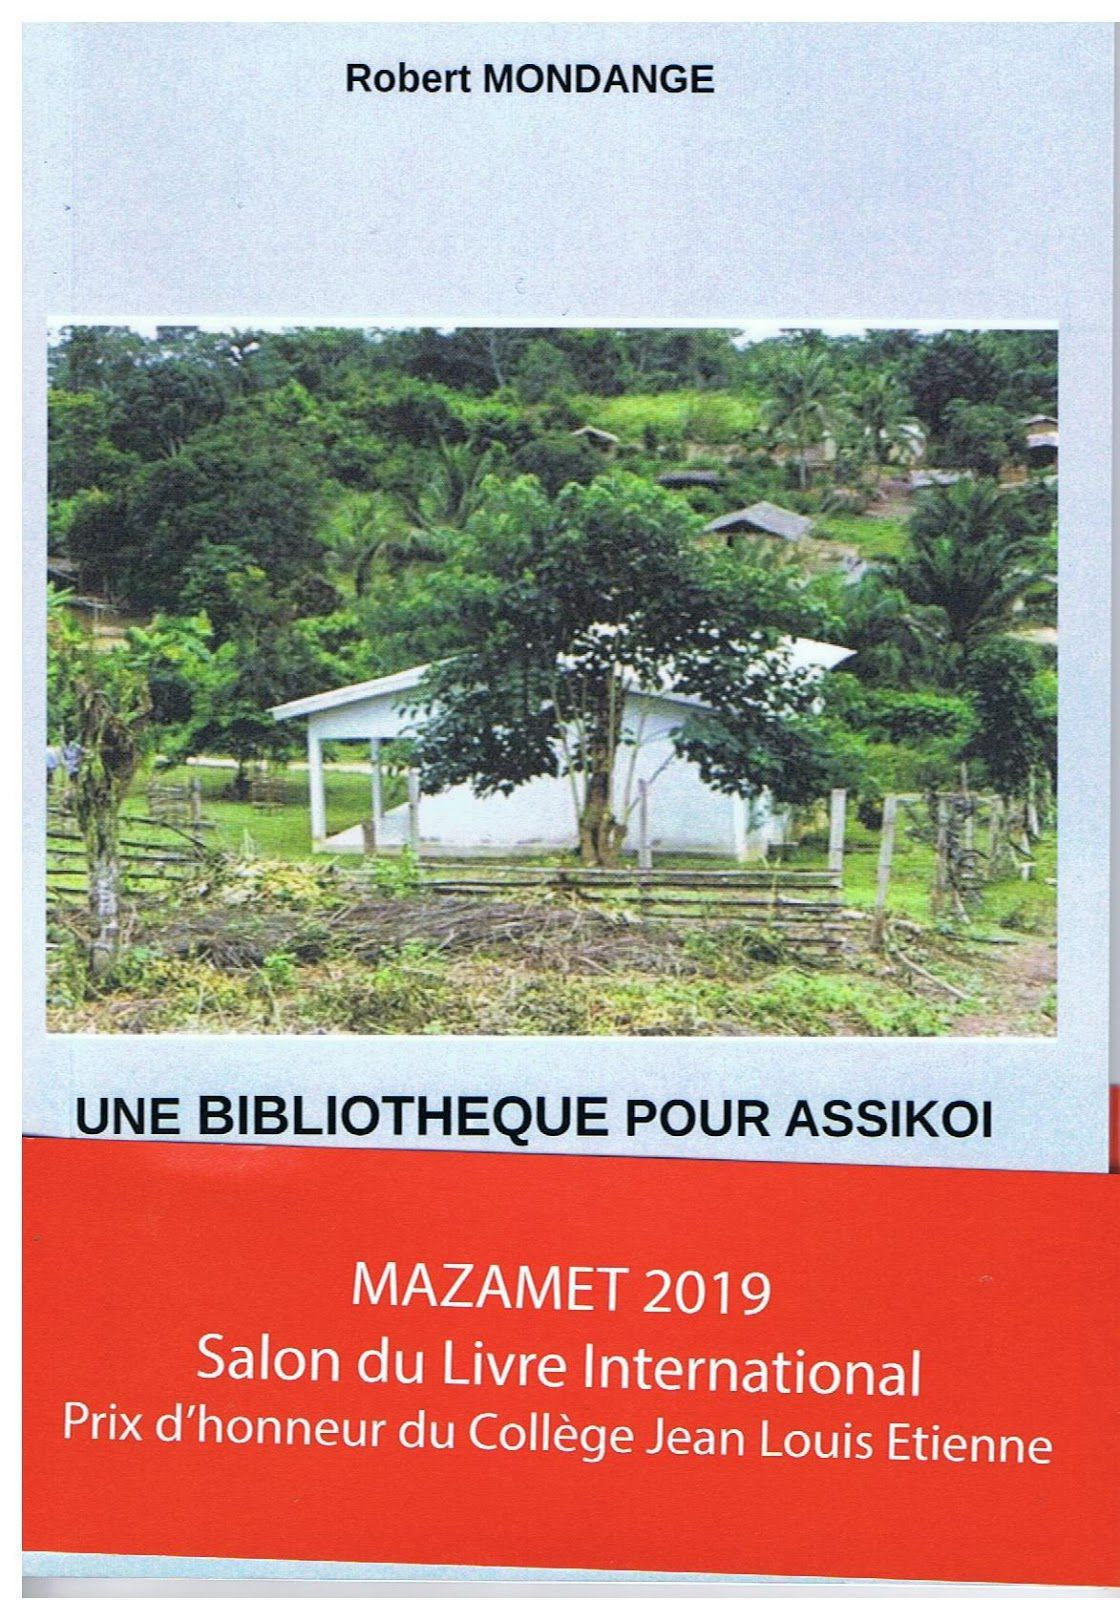 """Extrait du livre """" Une bibliothèque pour Assikoi """" de l'Auteur Robert Mondange..."""